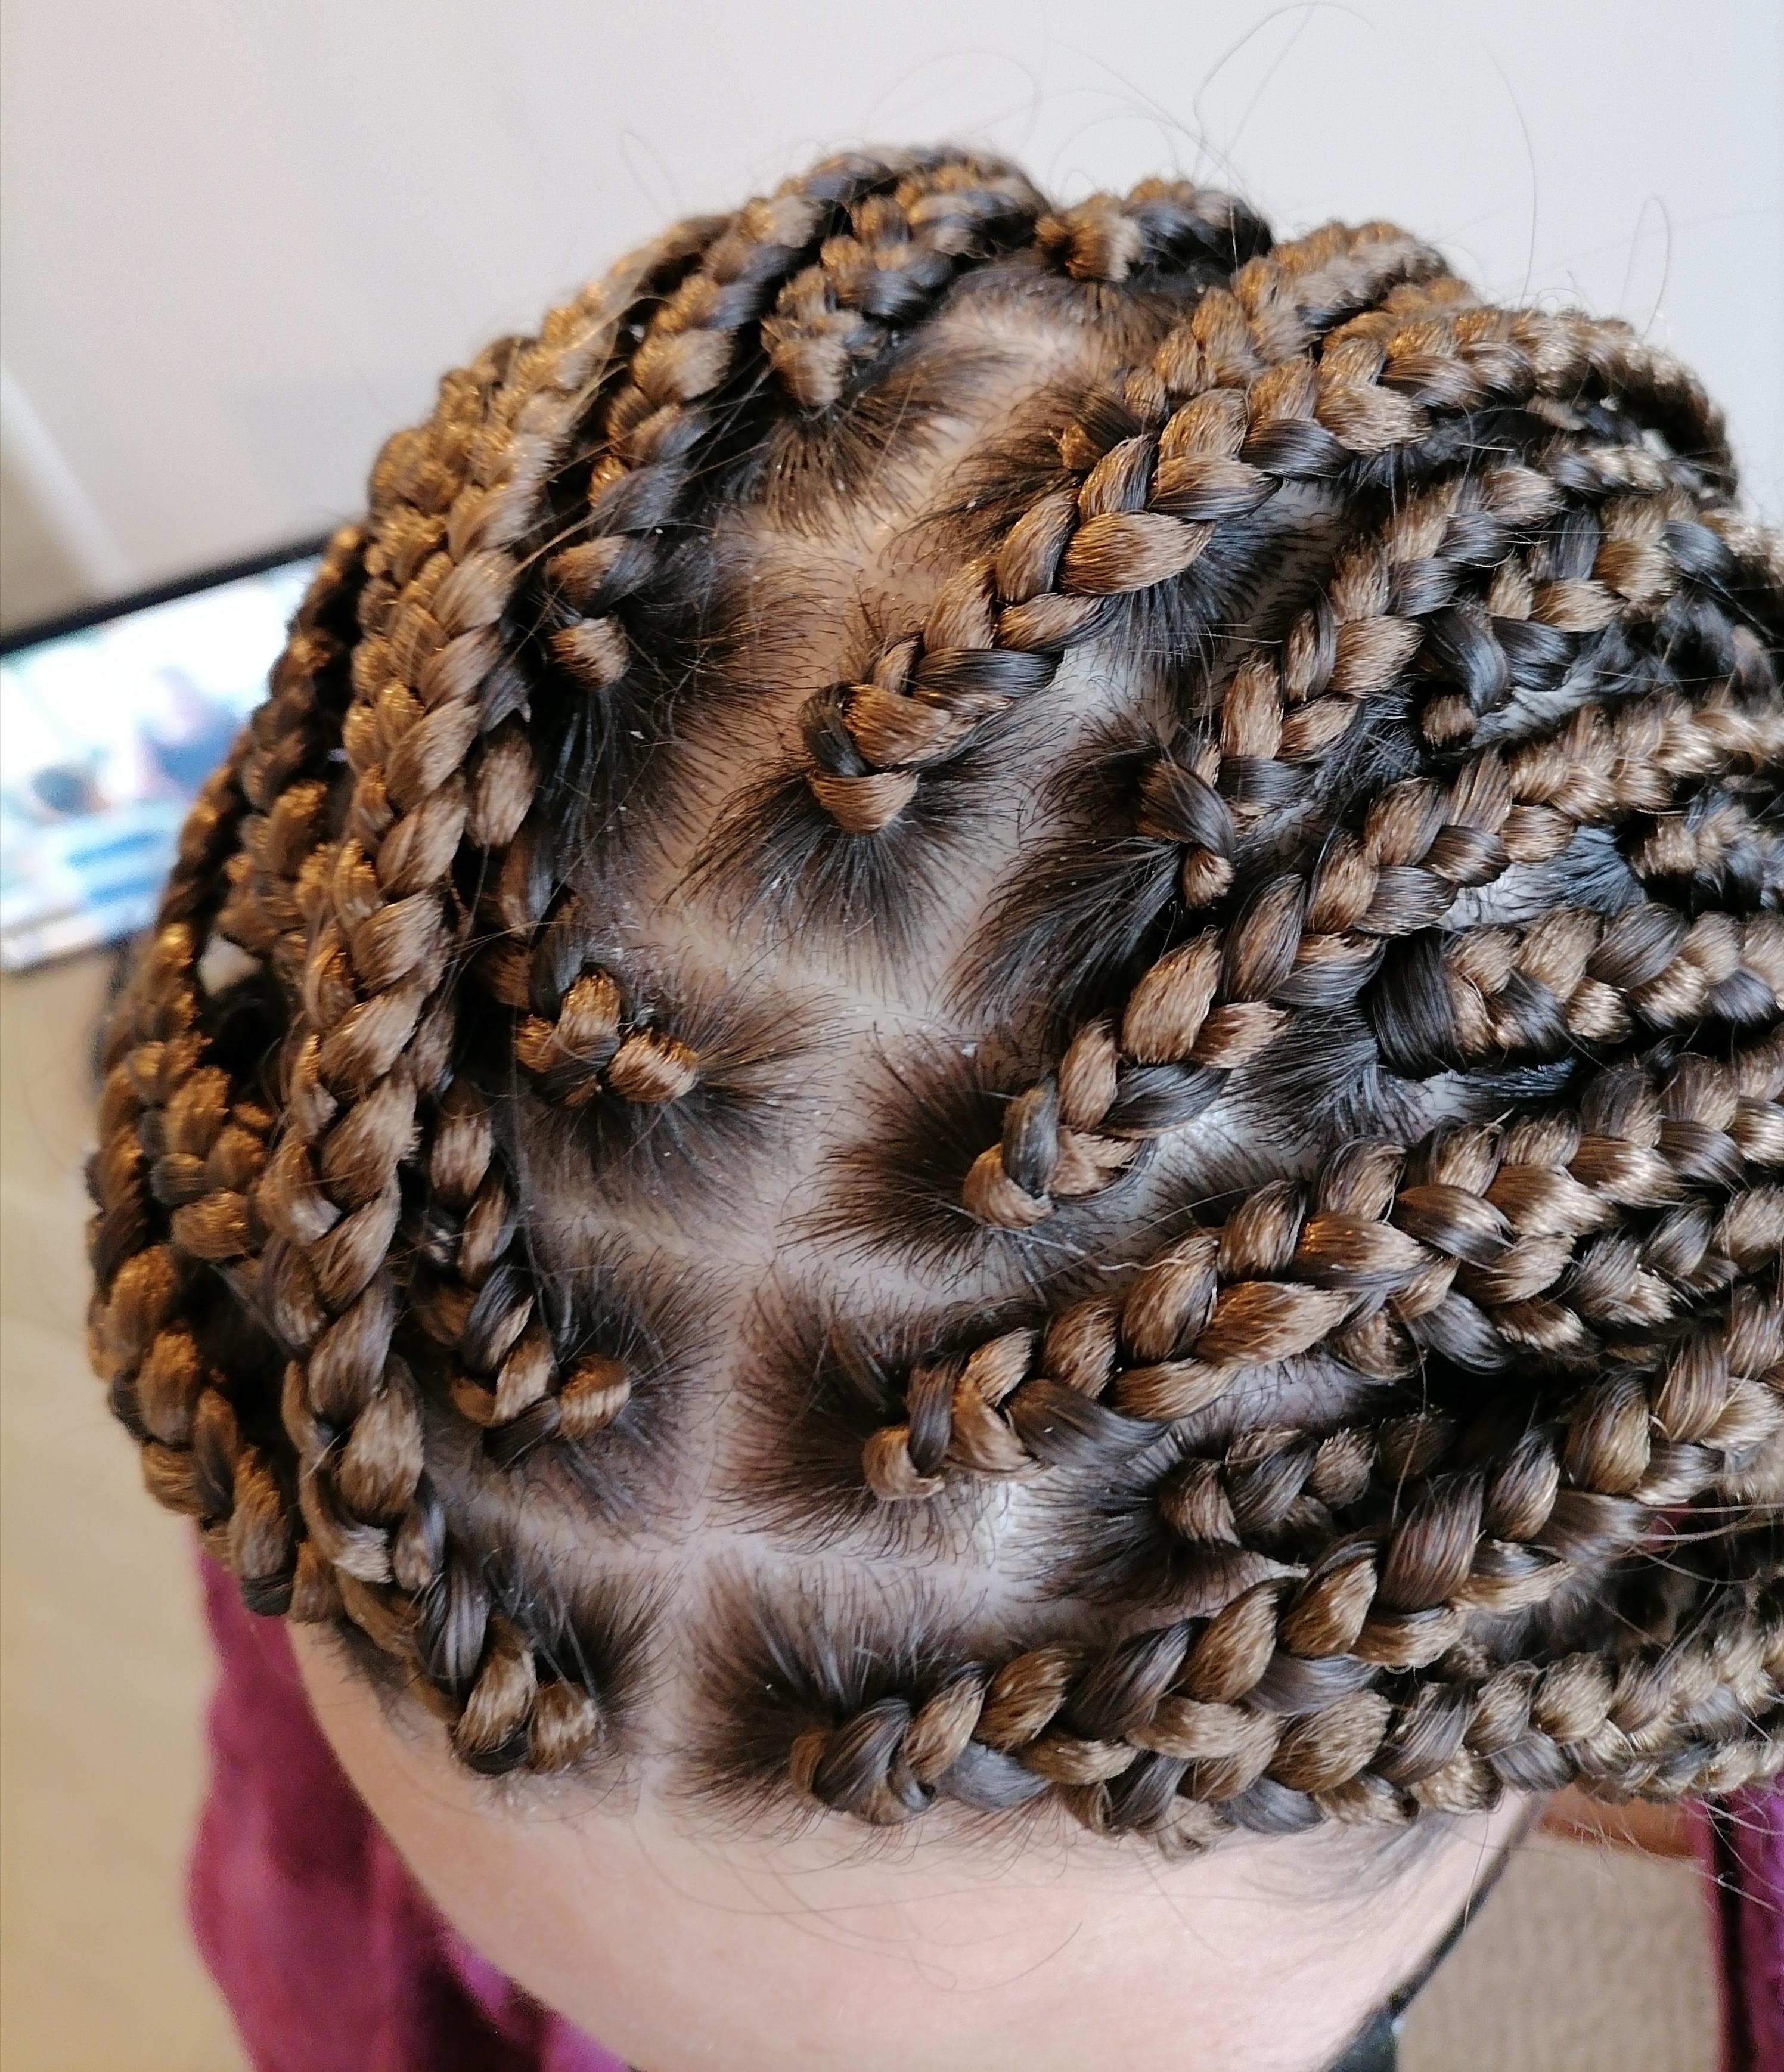 salon de coiffure afro tresse tresses box braids crochet braids vanilles tissages paris 75 77 78 91 92 93 94 95 JBADBXUR